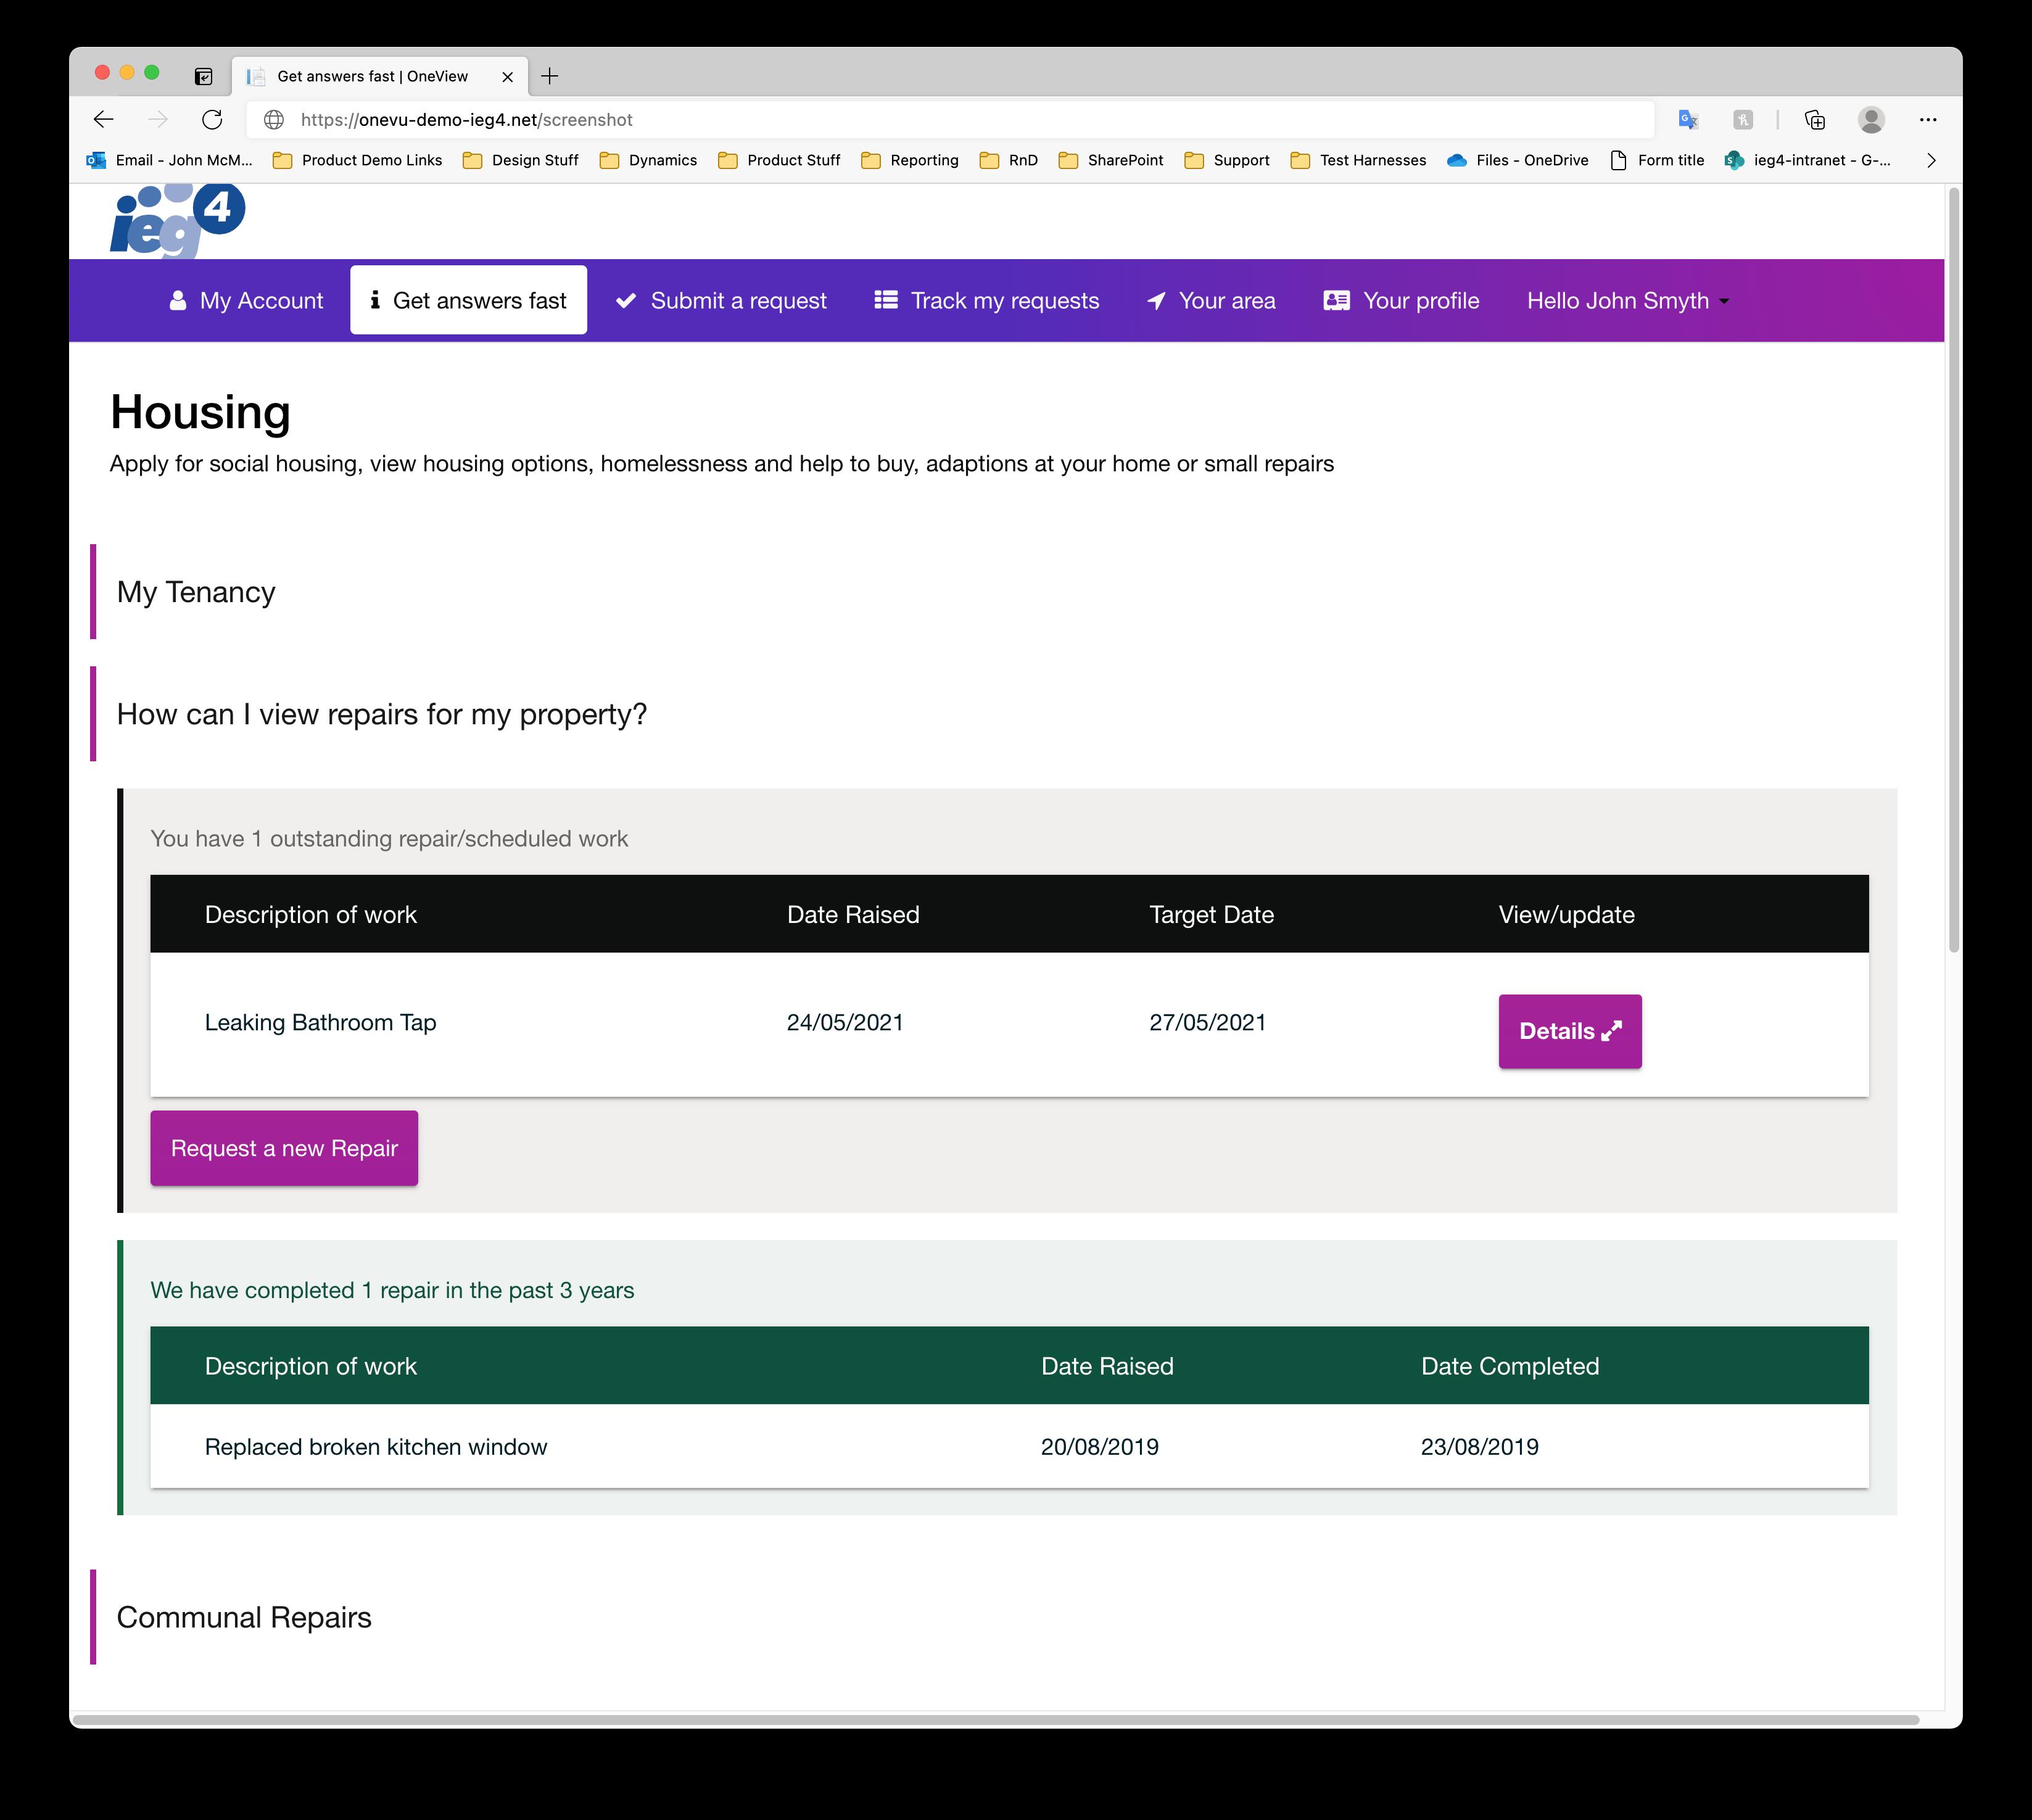 IEG4 Housing Solution Screenshot